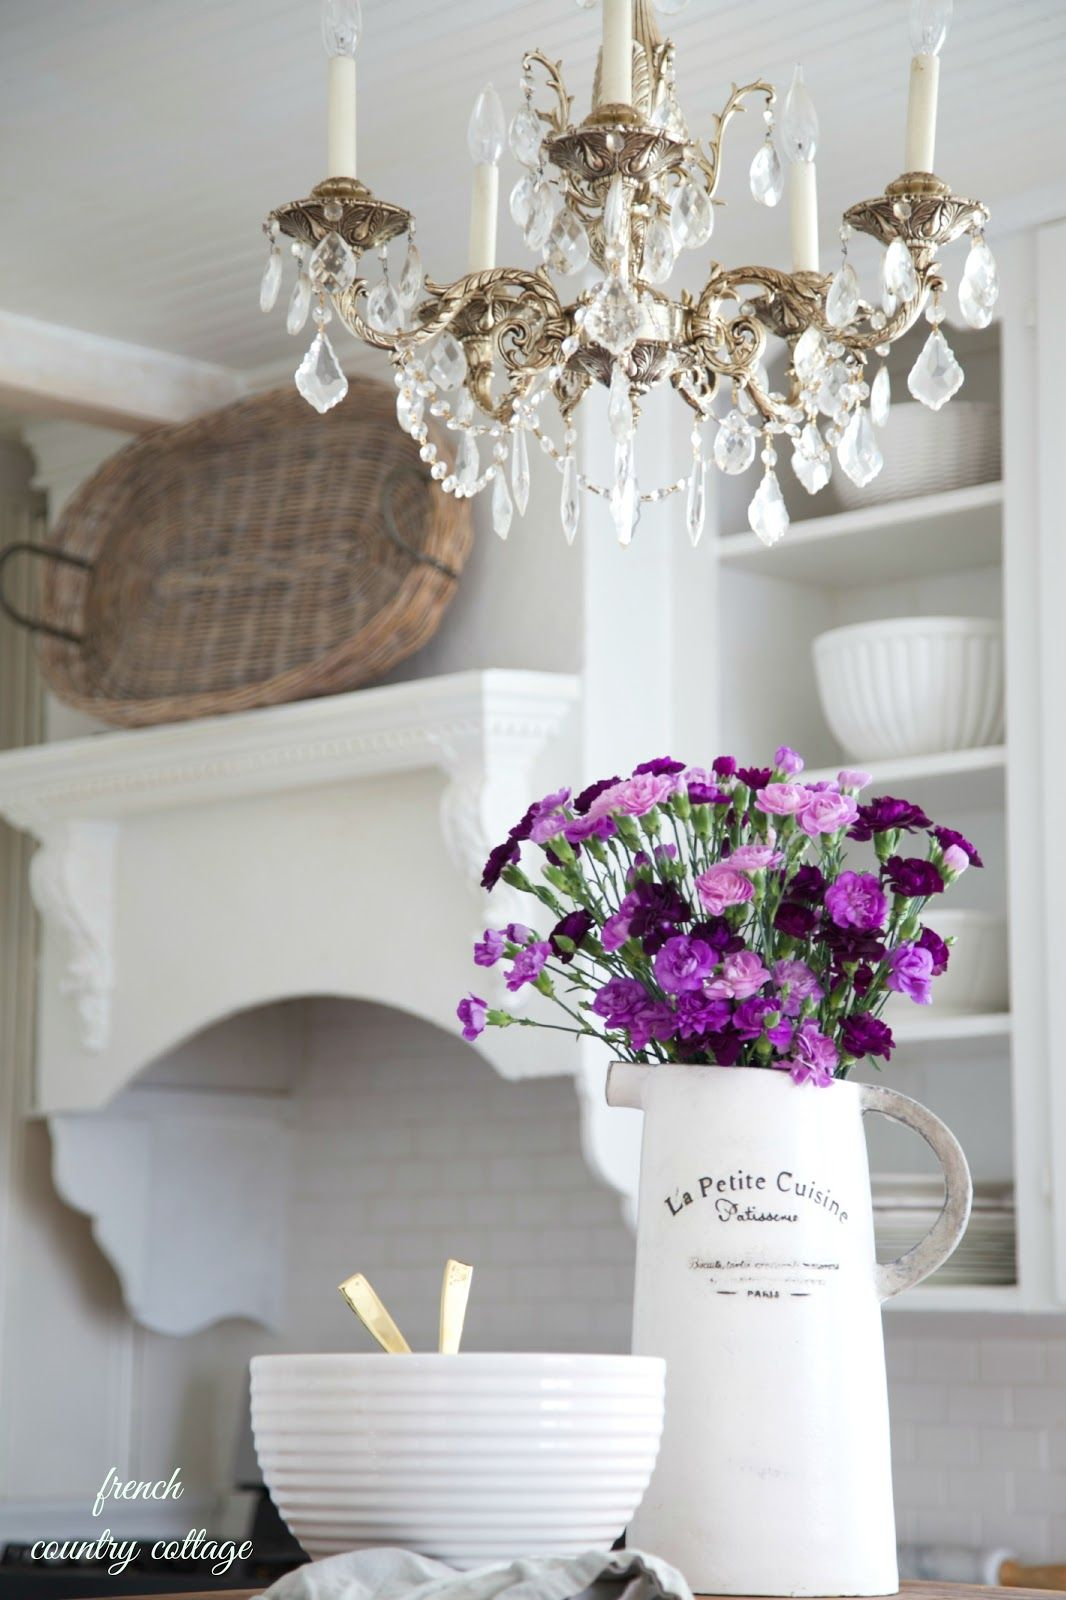 Bästa Bilder Om Home Decor På Pinterest Fransk Lantlig Stuga - French country cottage blog